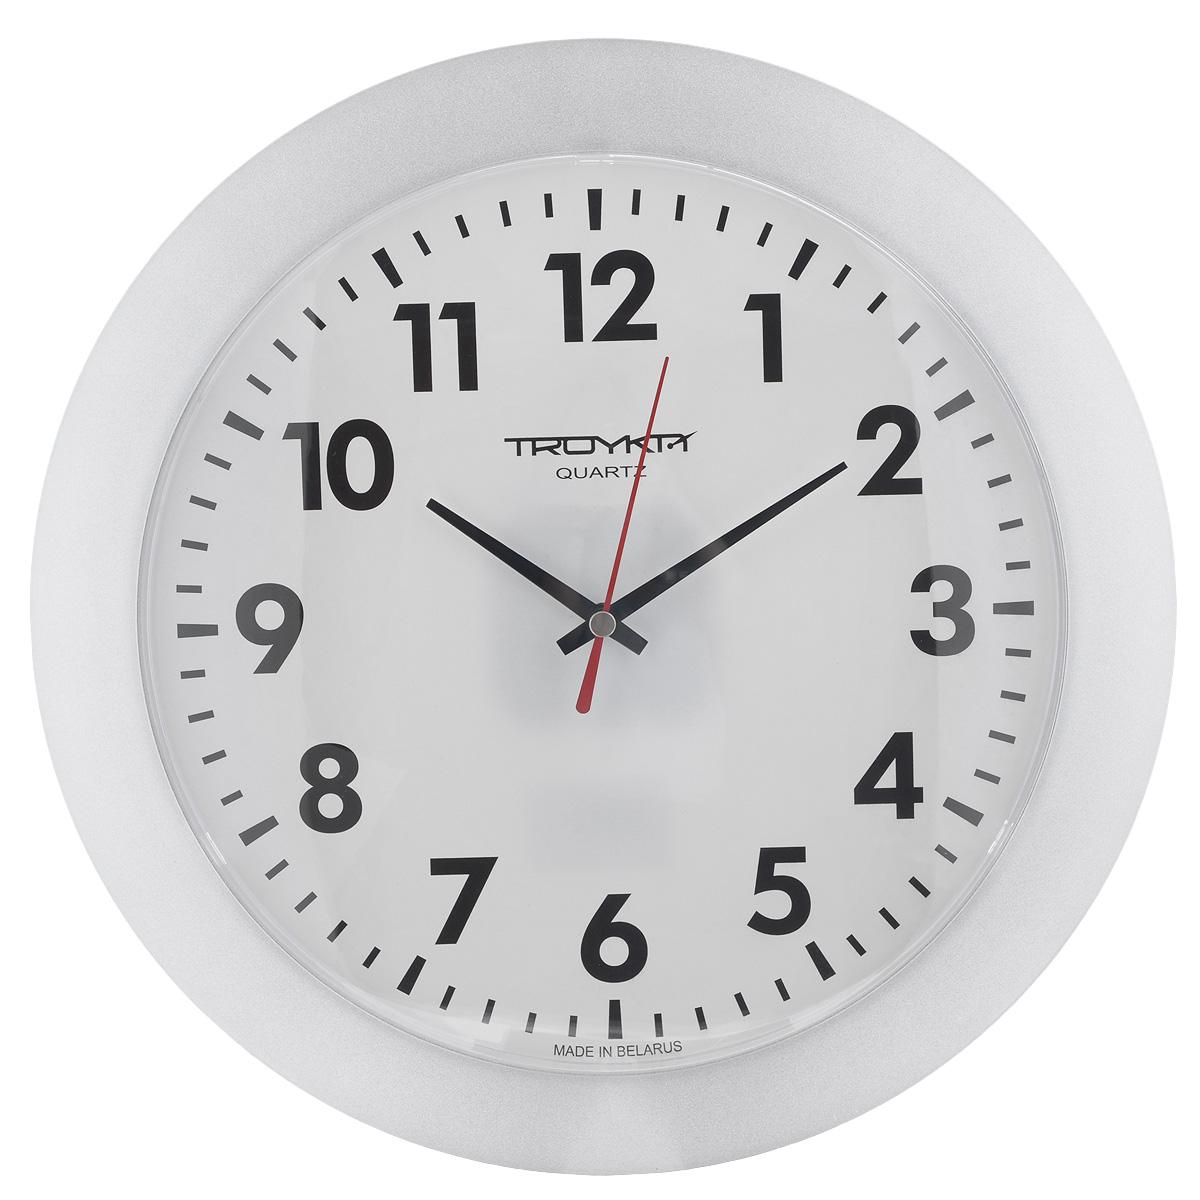 Часы настенные Troyka, цвет: белый. 5151051151510511Настенные кварцевые часы с классическим дизайном Troyka, изготовленные из пластика, прекрасно подойдут под интерьер вашего дома. Круглые часы имеют три стрелки: часовую, минутную и секундную, циферблат защищен прозрачным пластиком. Диаметр часов: 30,5 см. Часы работают от 1 батарейки типа АА напряжением 1,5 В (входит в комплект).